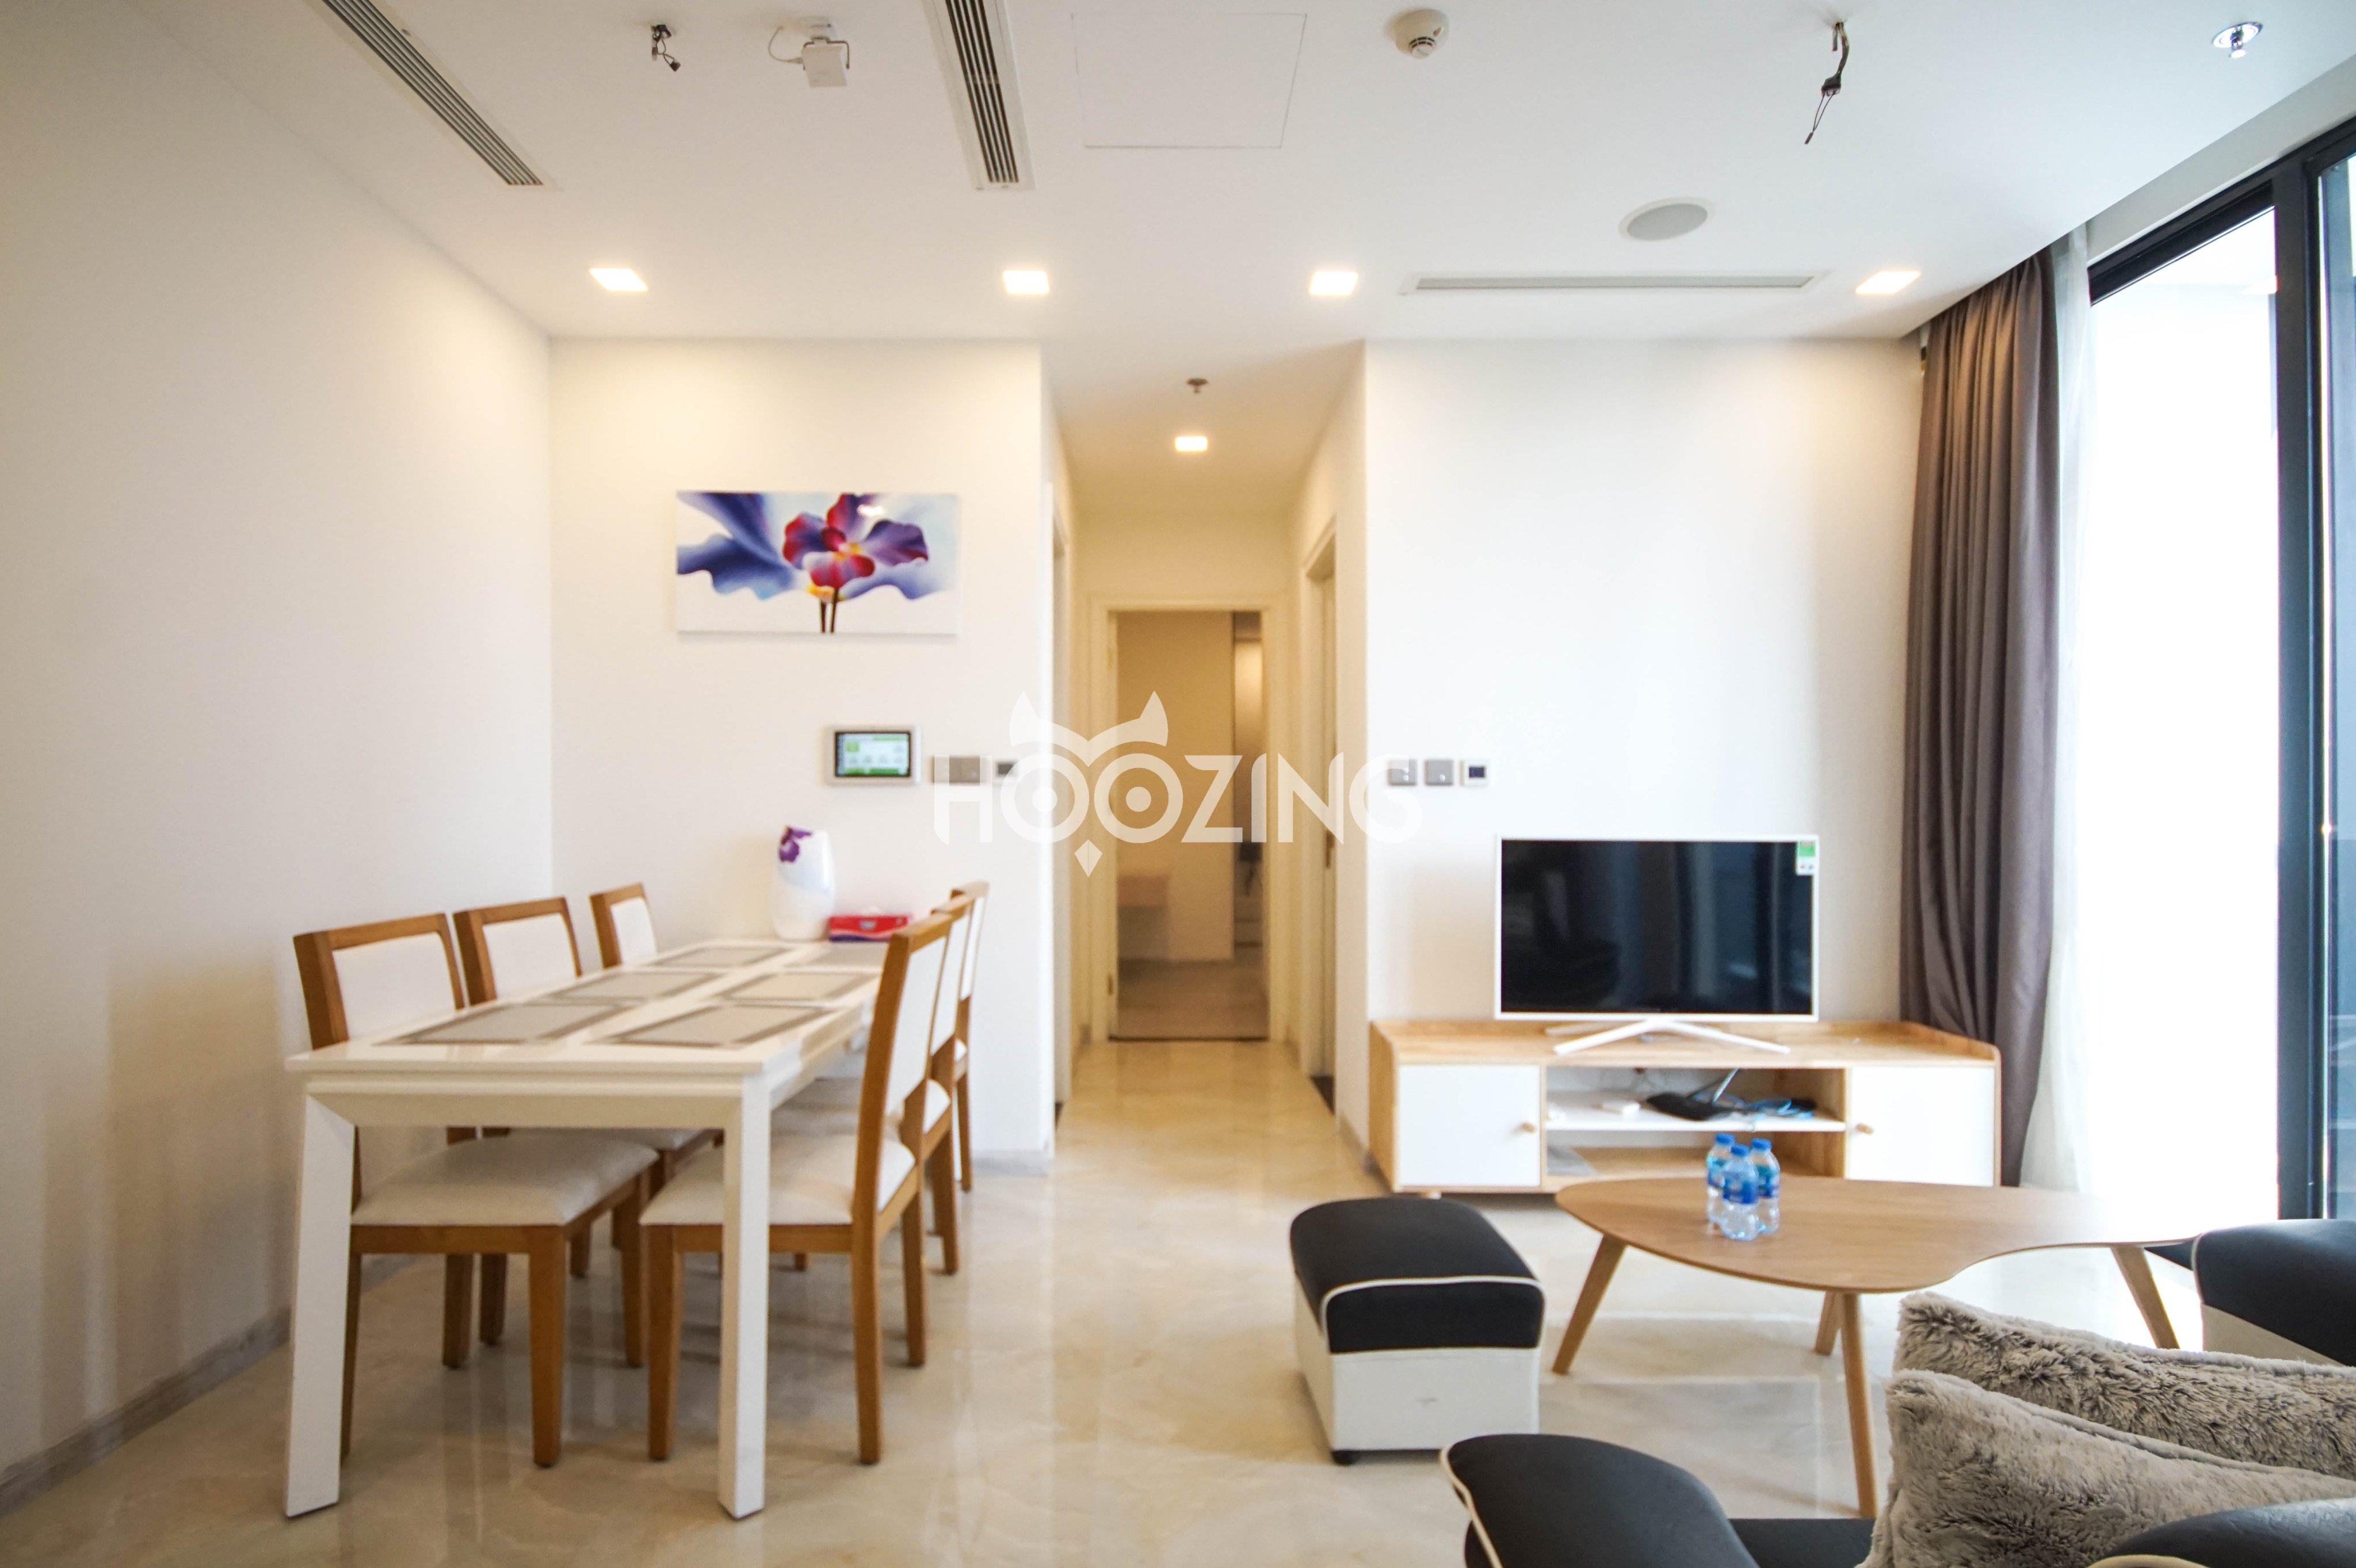 Cho thuê 2 phòng ngủ Vinhomes Golden river - ID 010099